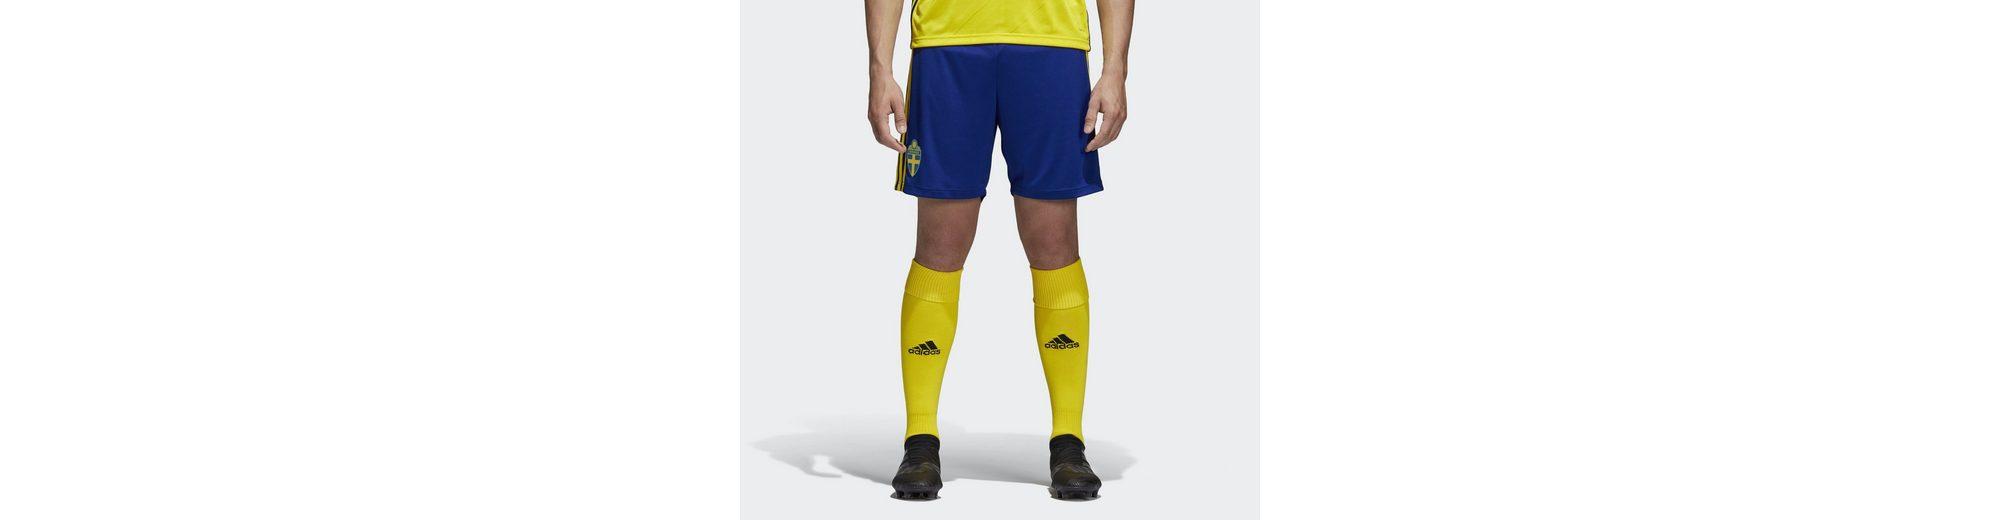 adidas Performance Shorts Schweden Heimshorts